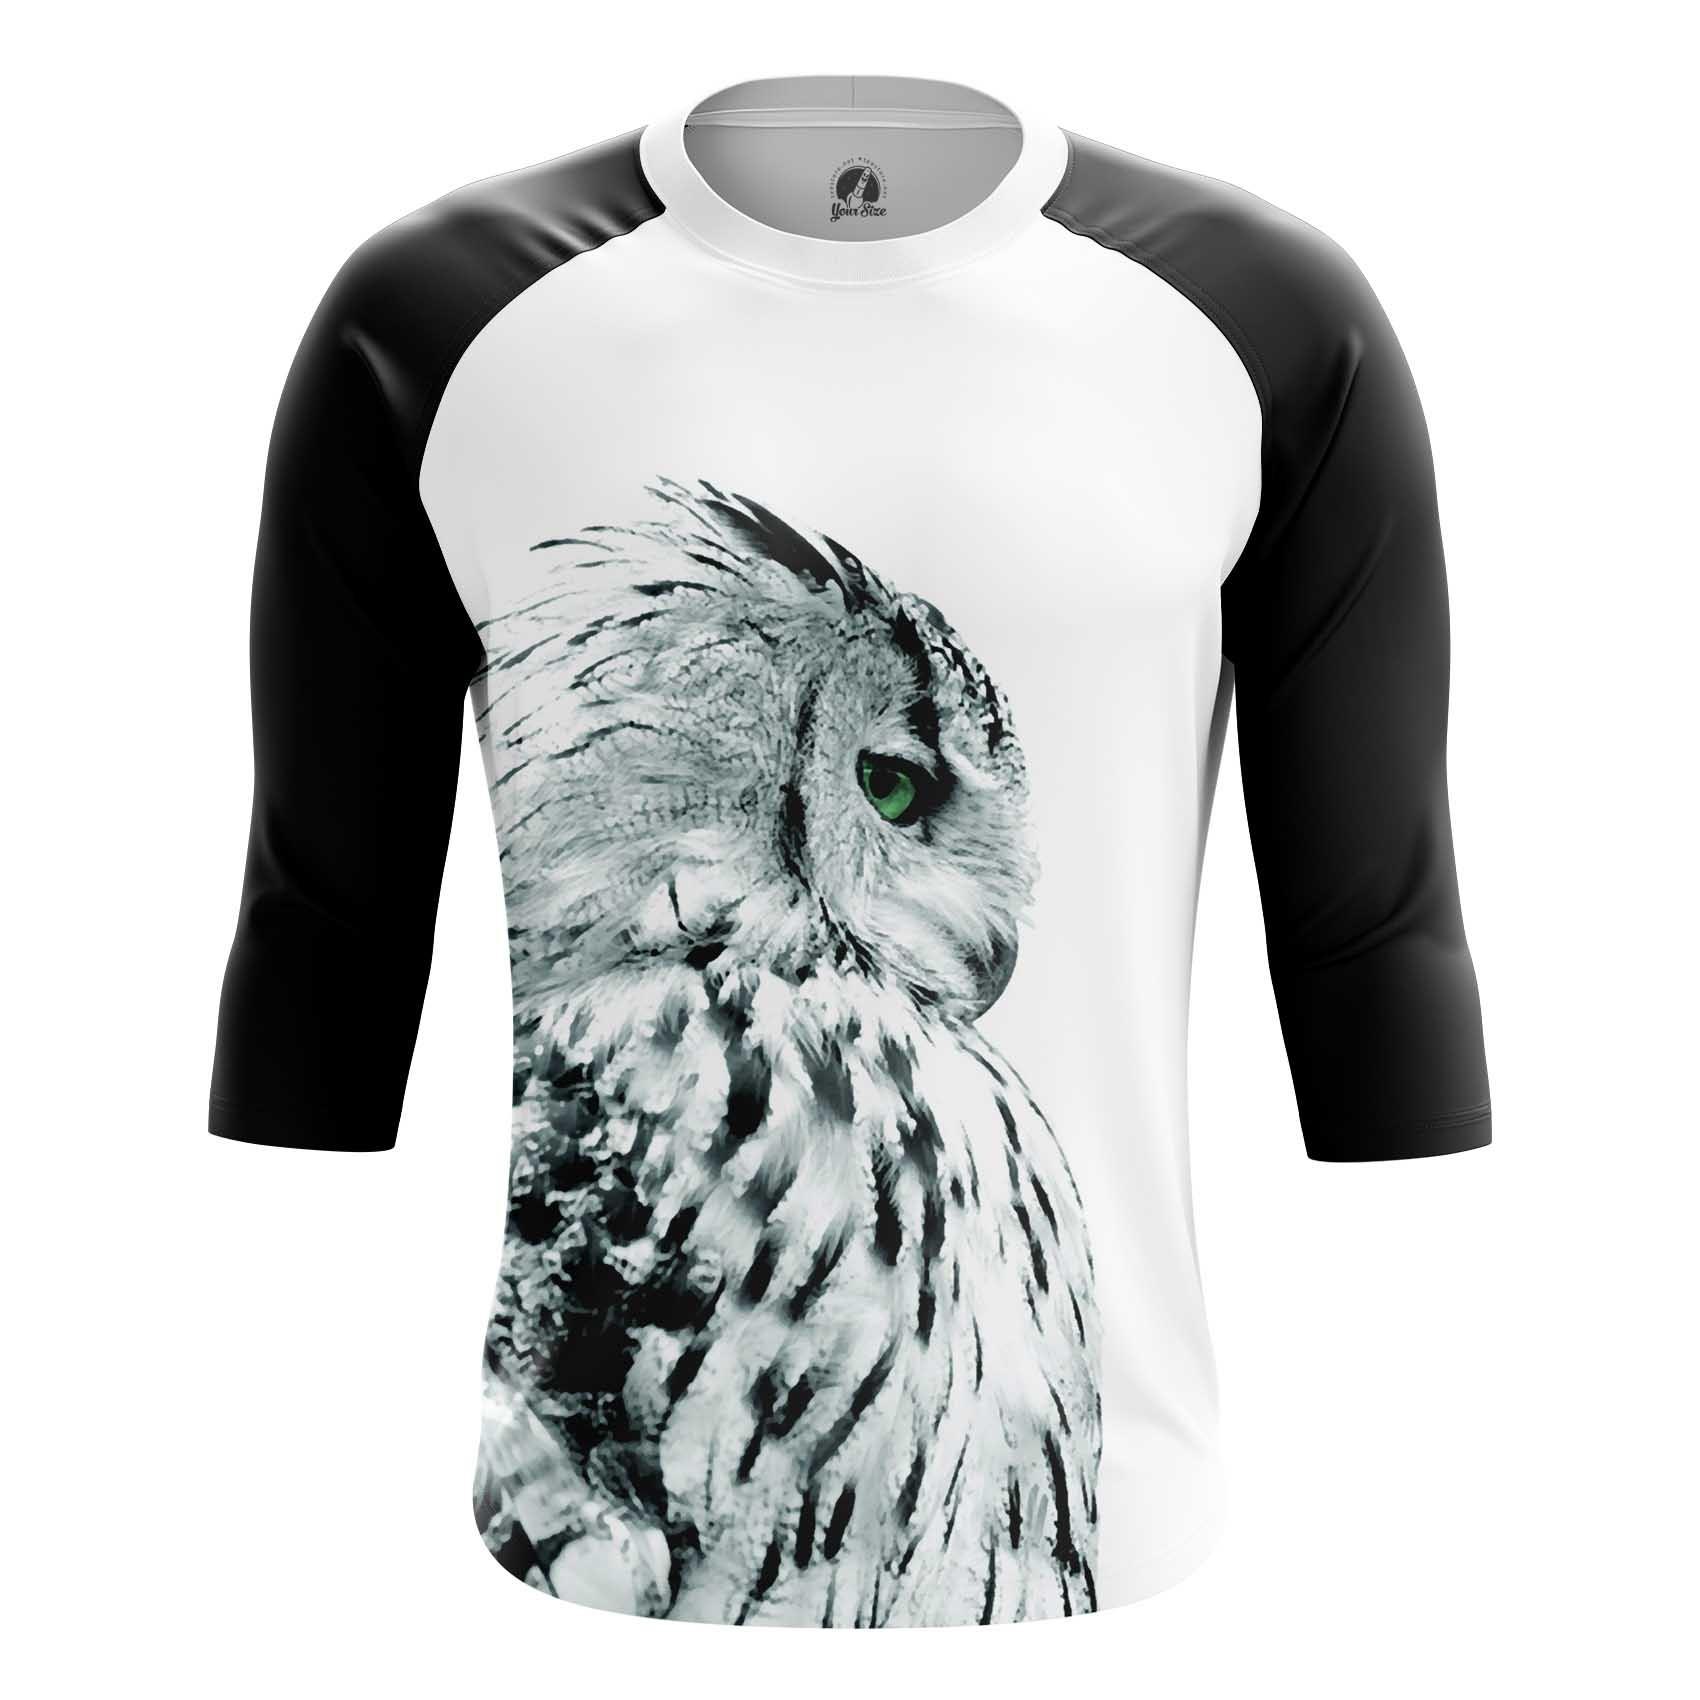 Merch Men'S T-Shirt Polar Owl Birds Art Animals Shirts